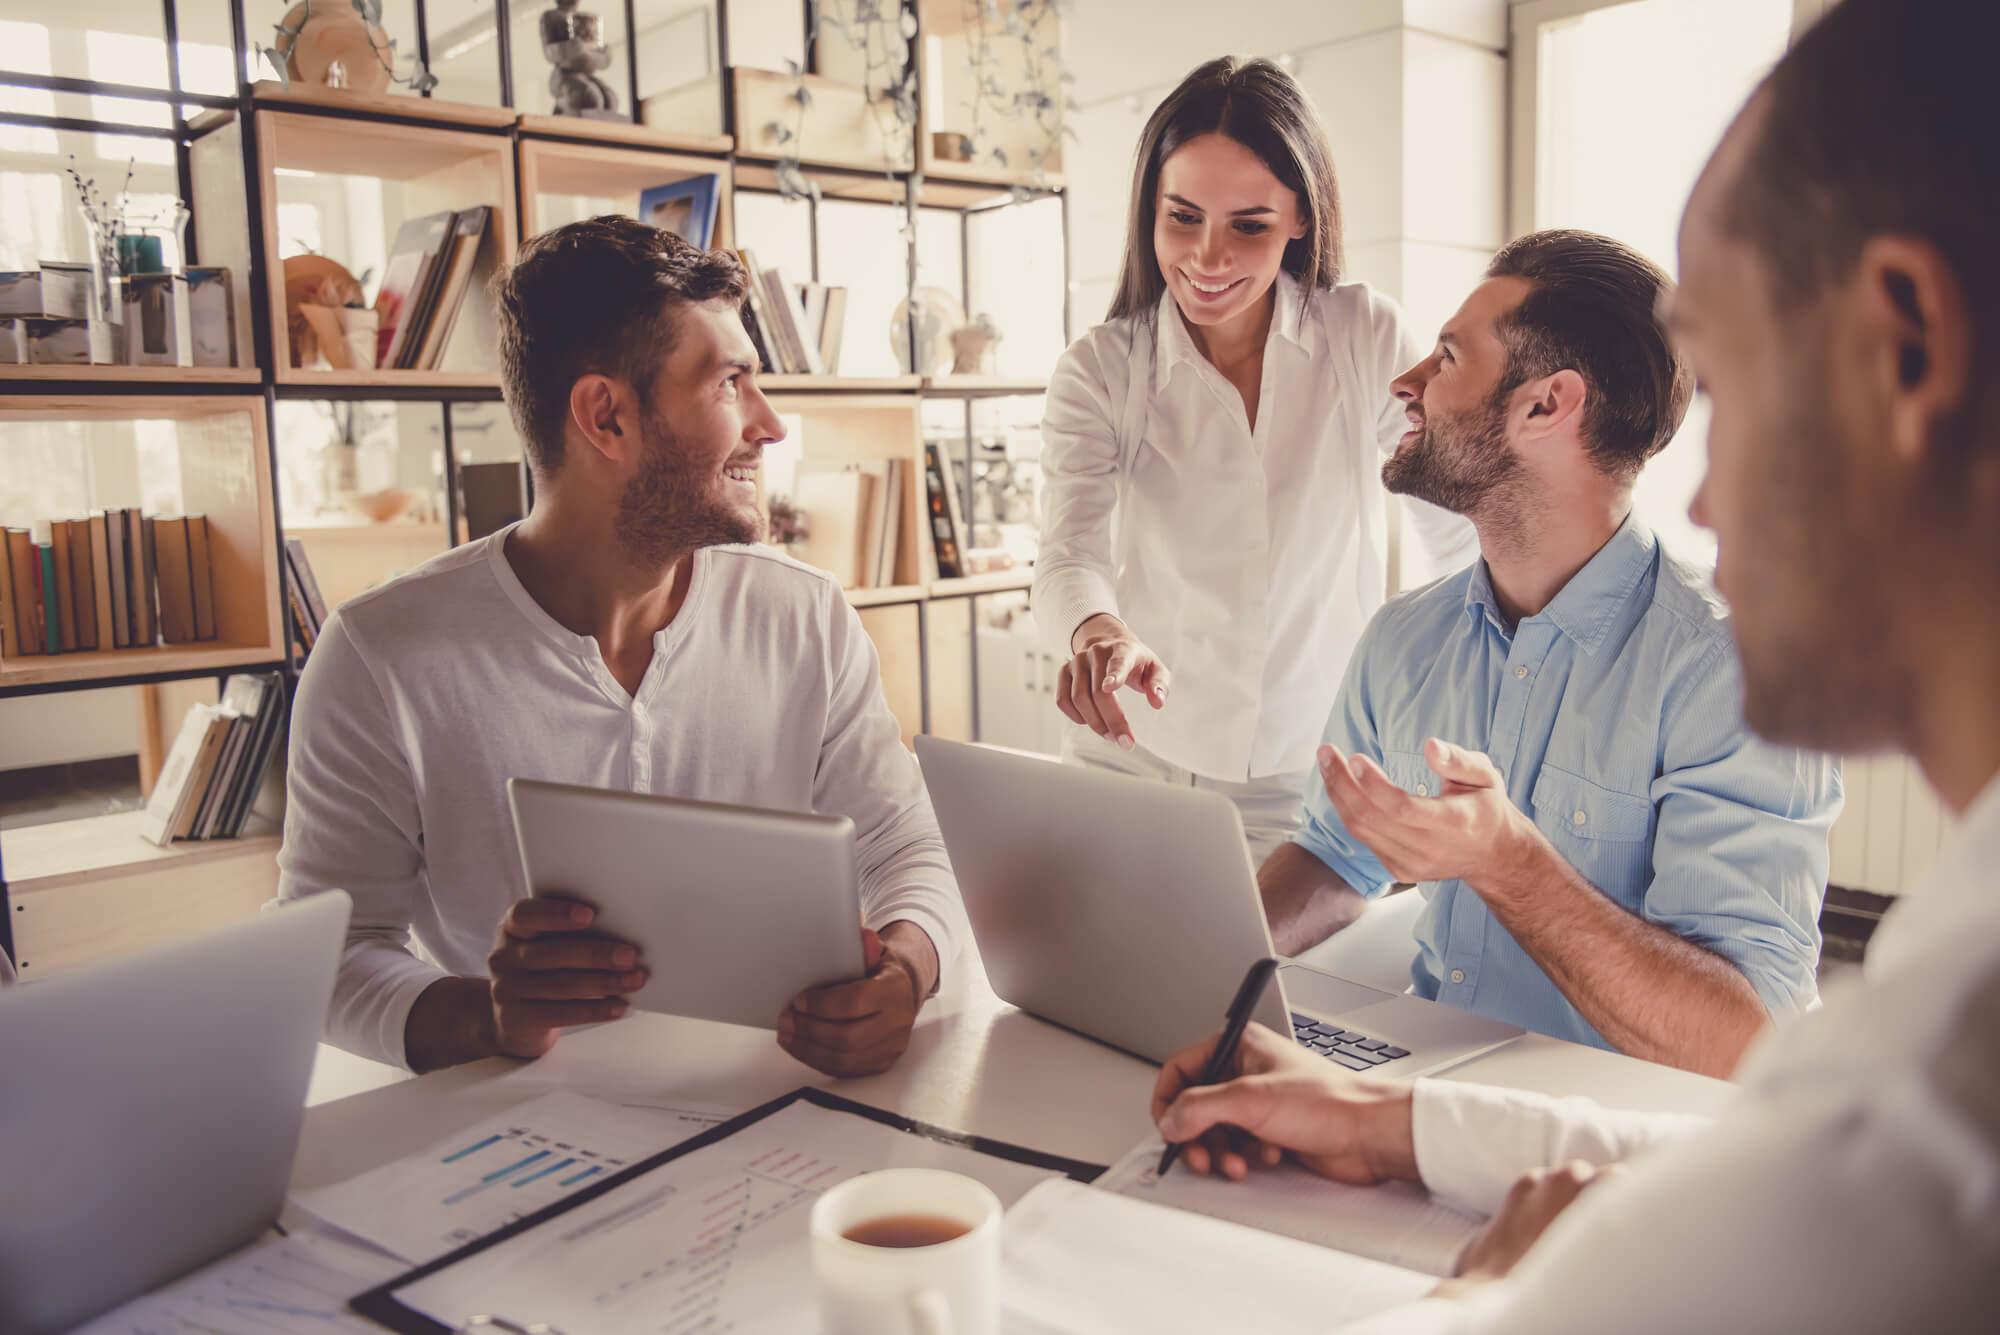 9 dicas de como motivar uma equipe de trabalho